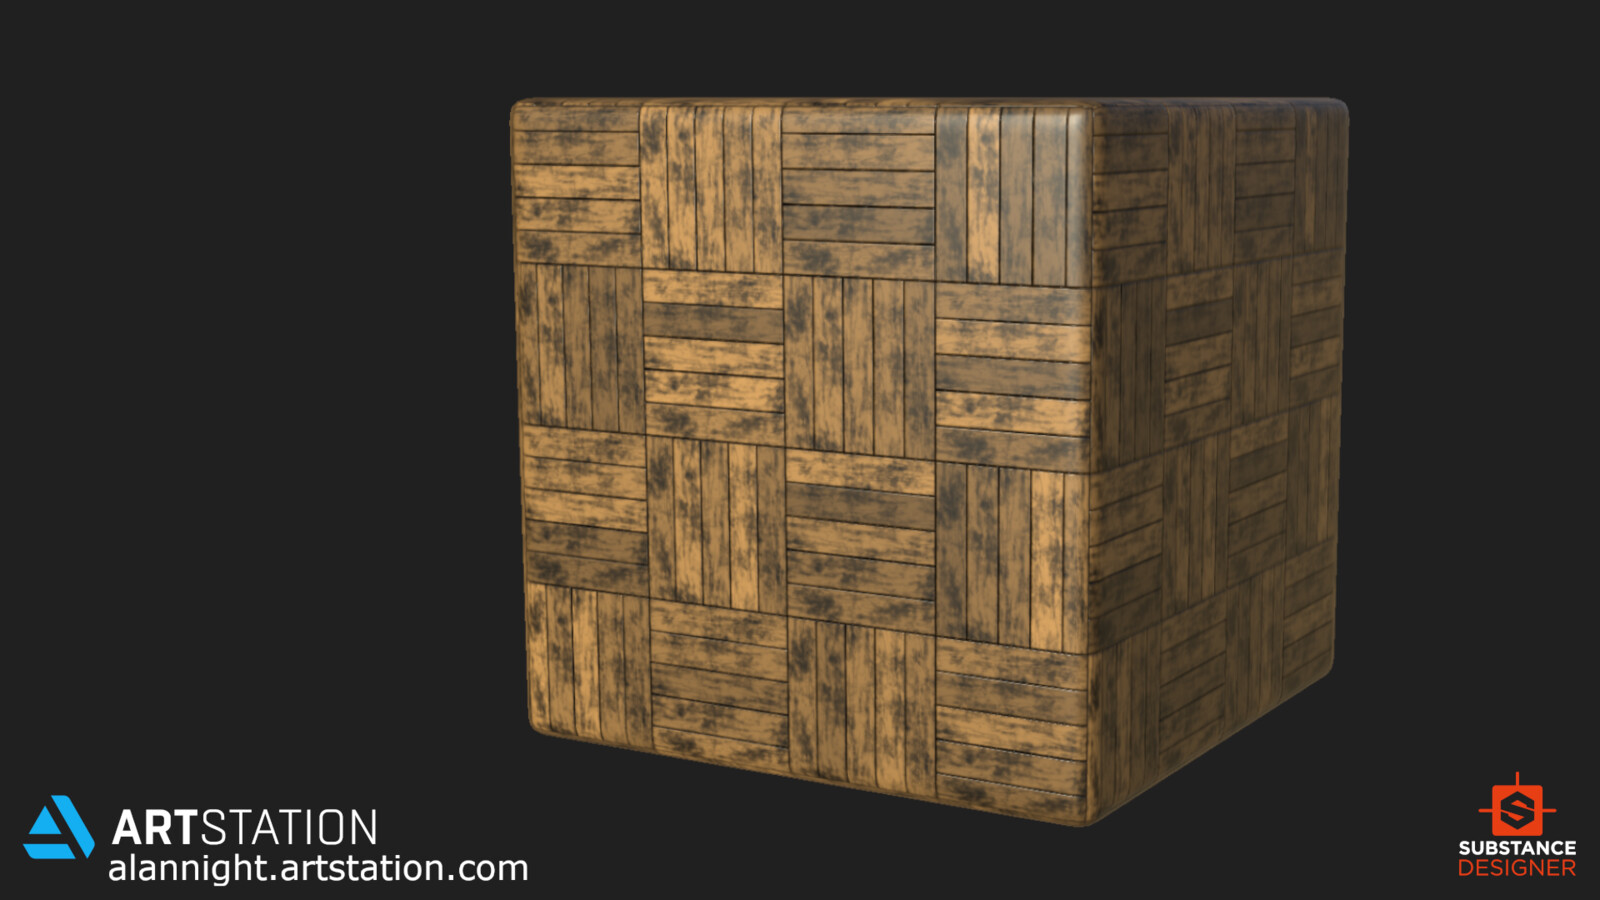 Cube Render in Substance Designer